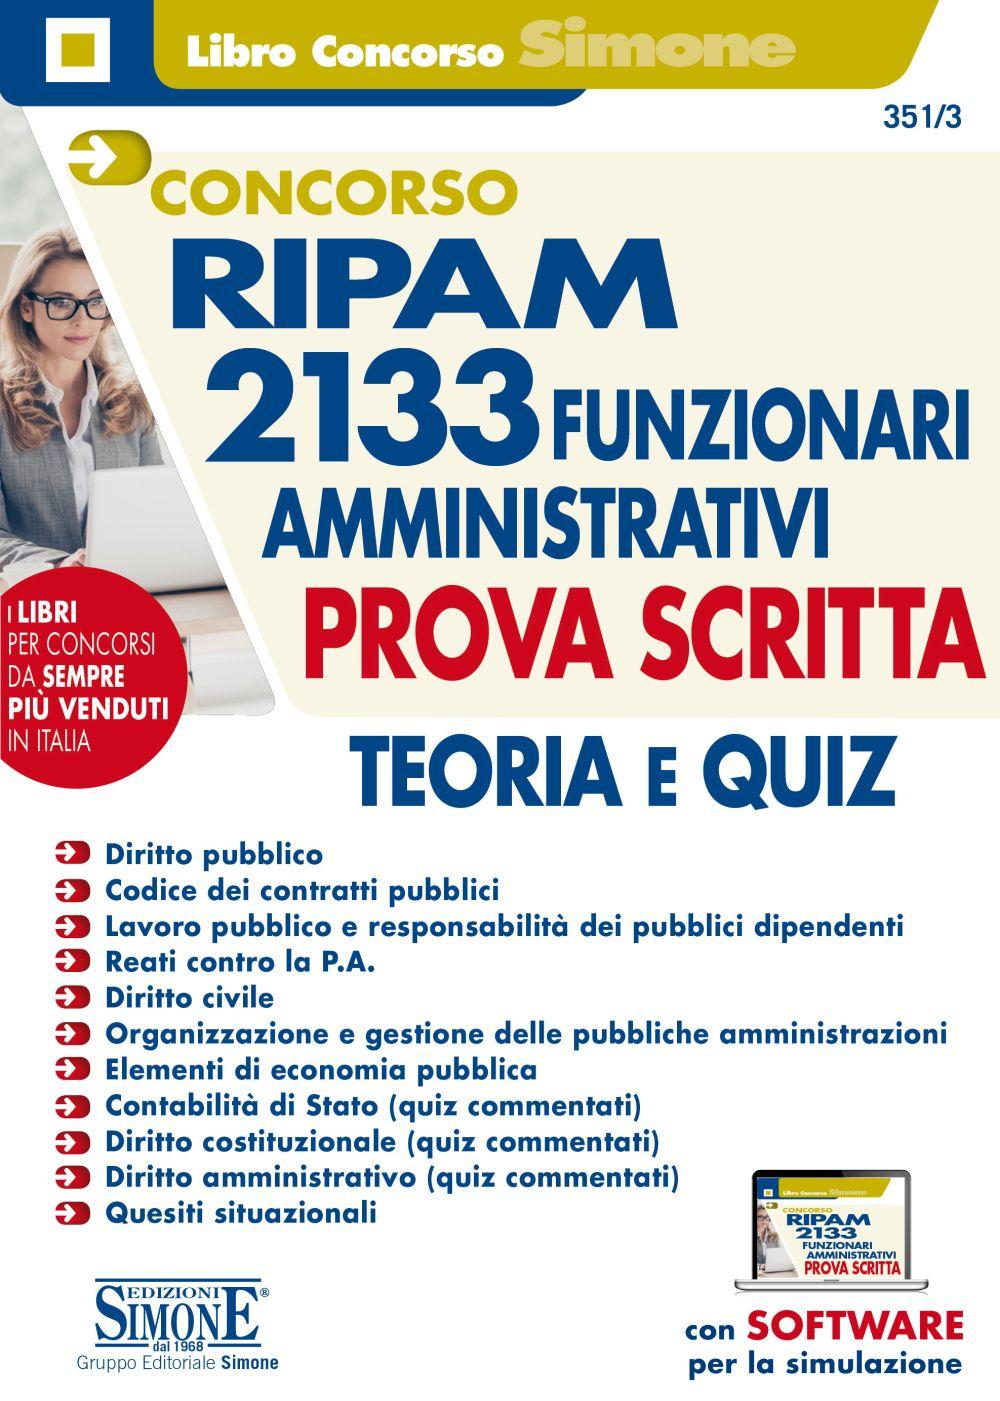 Manuale Concorso RIPAM 2133 Funzionari amministrativi